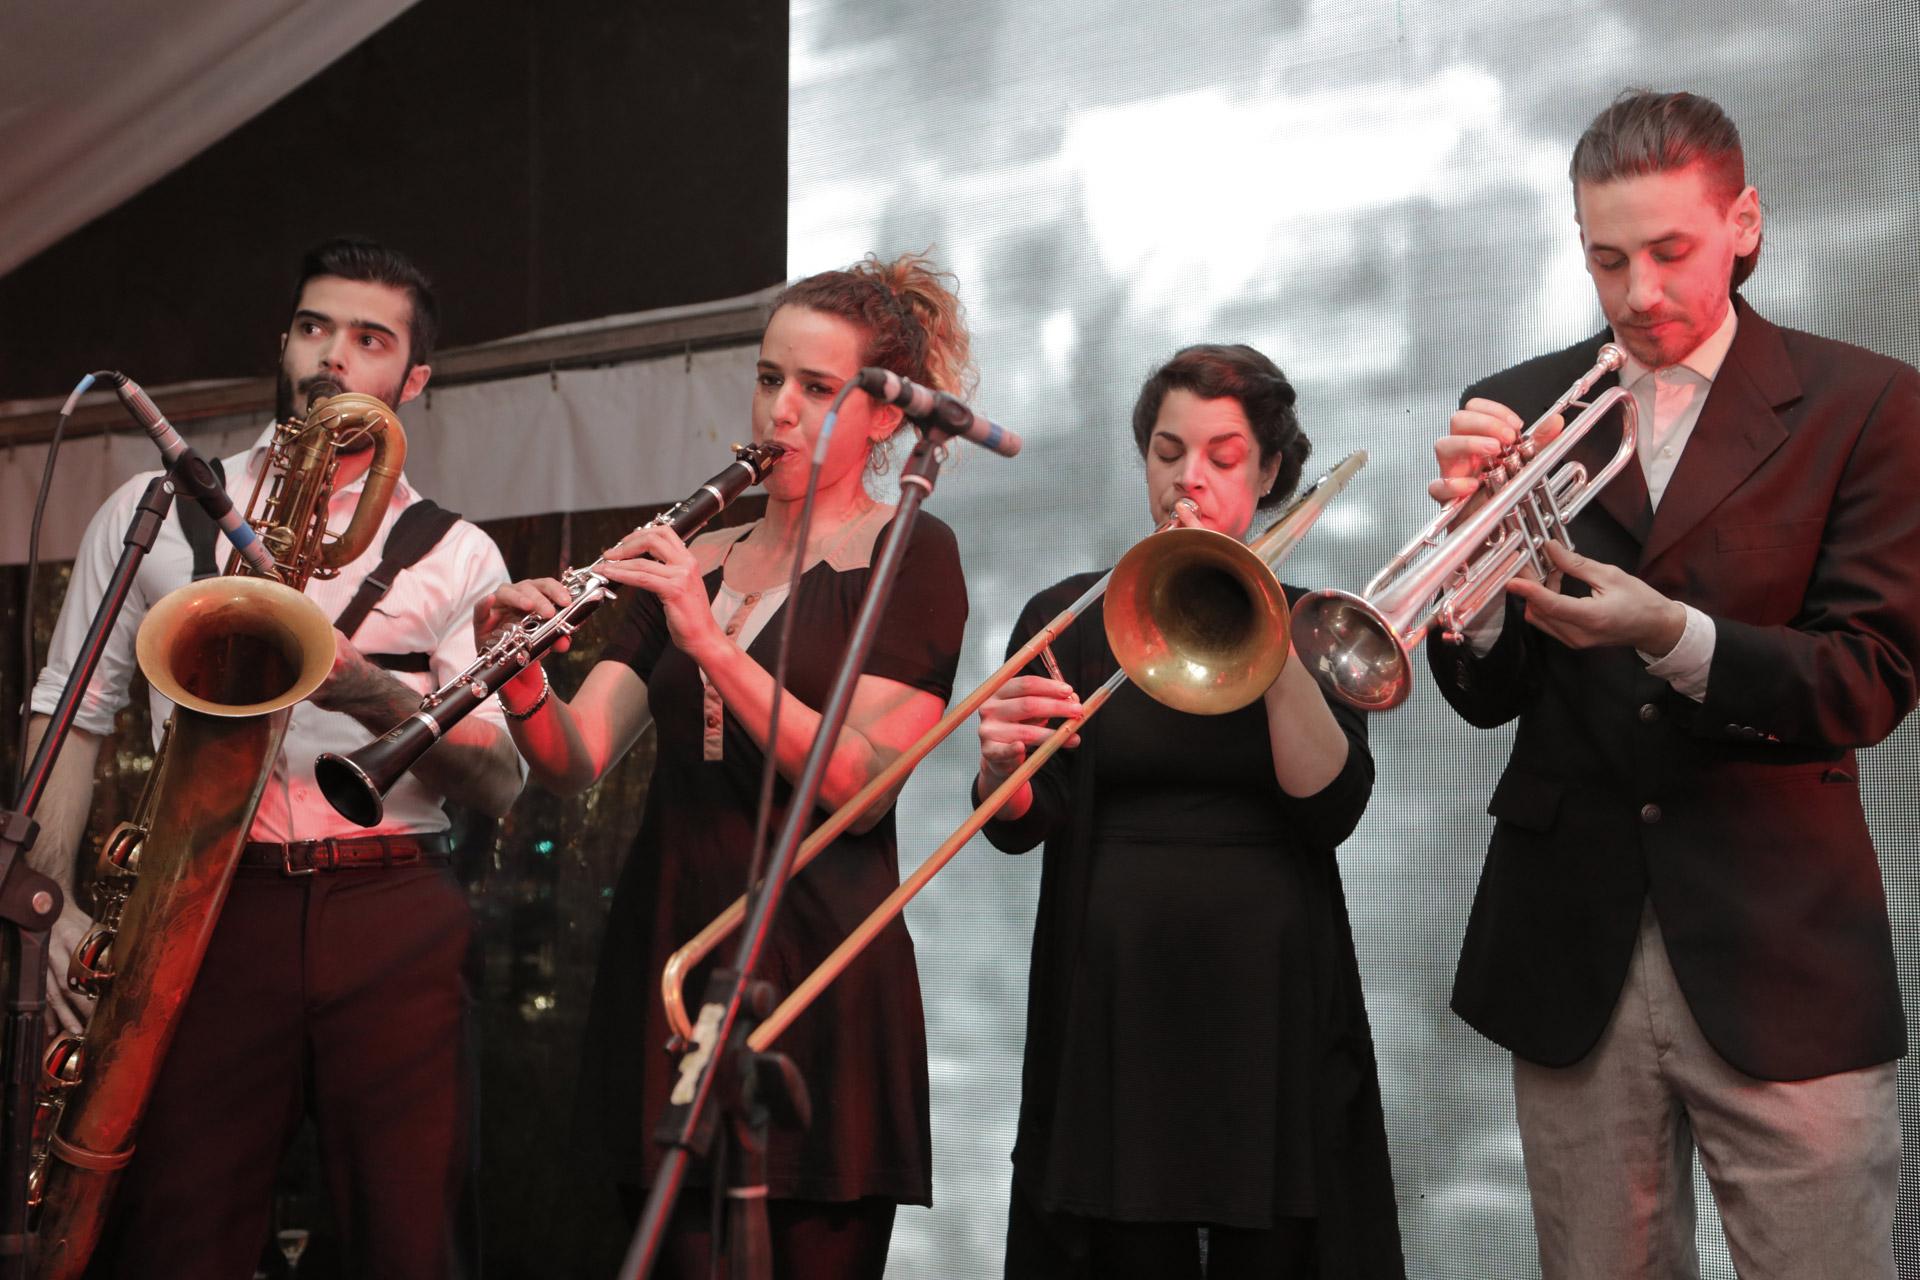 Un show de jazz durante la recepción